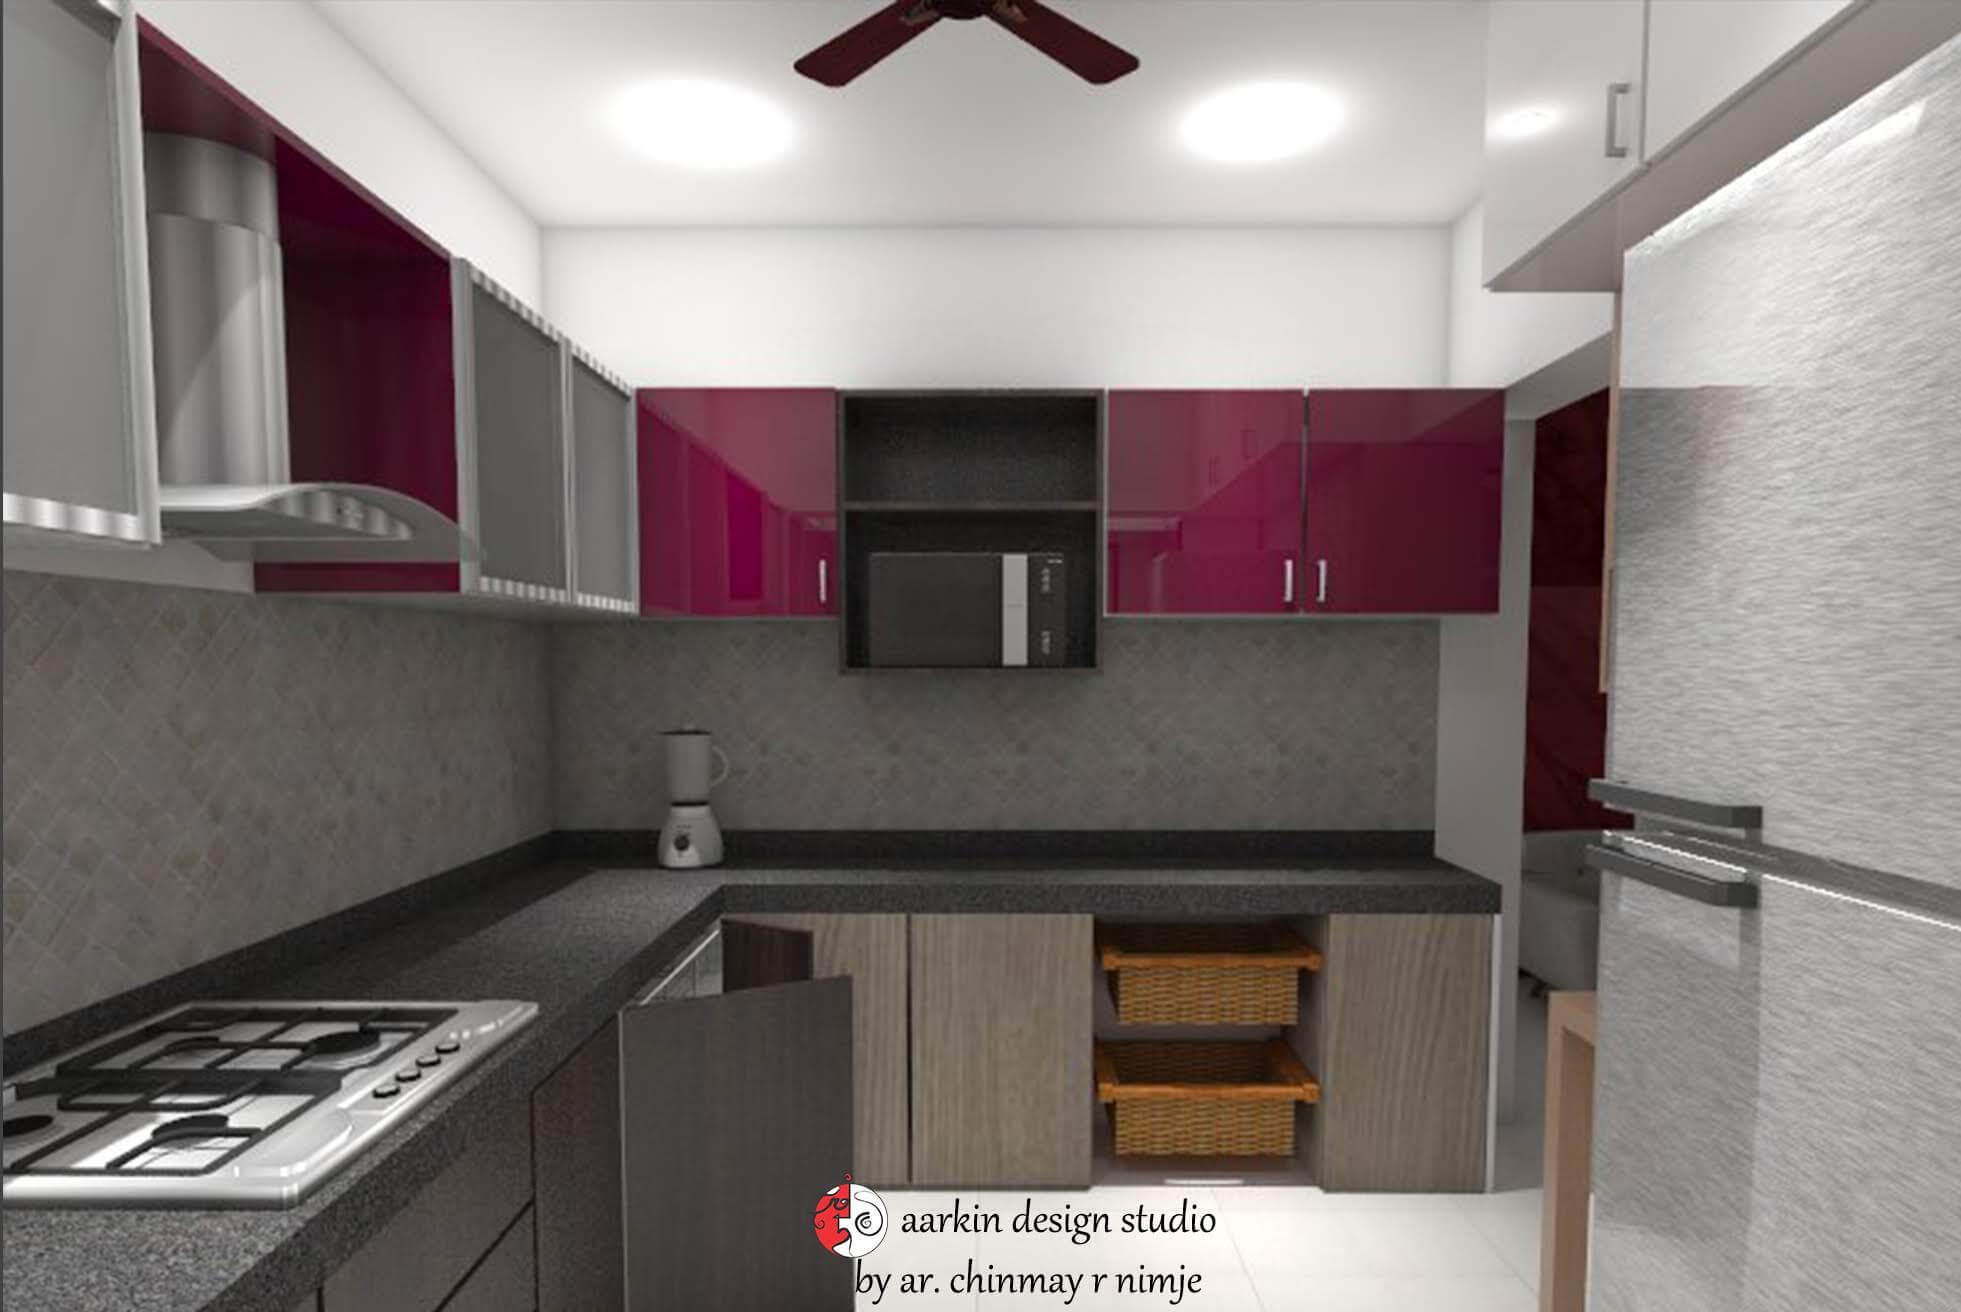 kitchen interior design with overhead cabinate and bottom storage arrangement